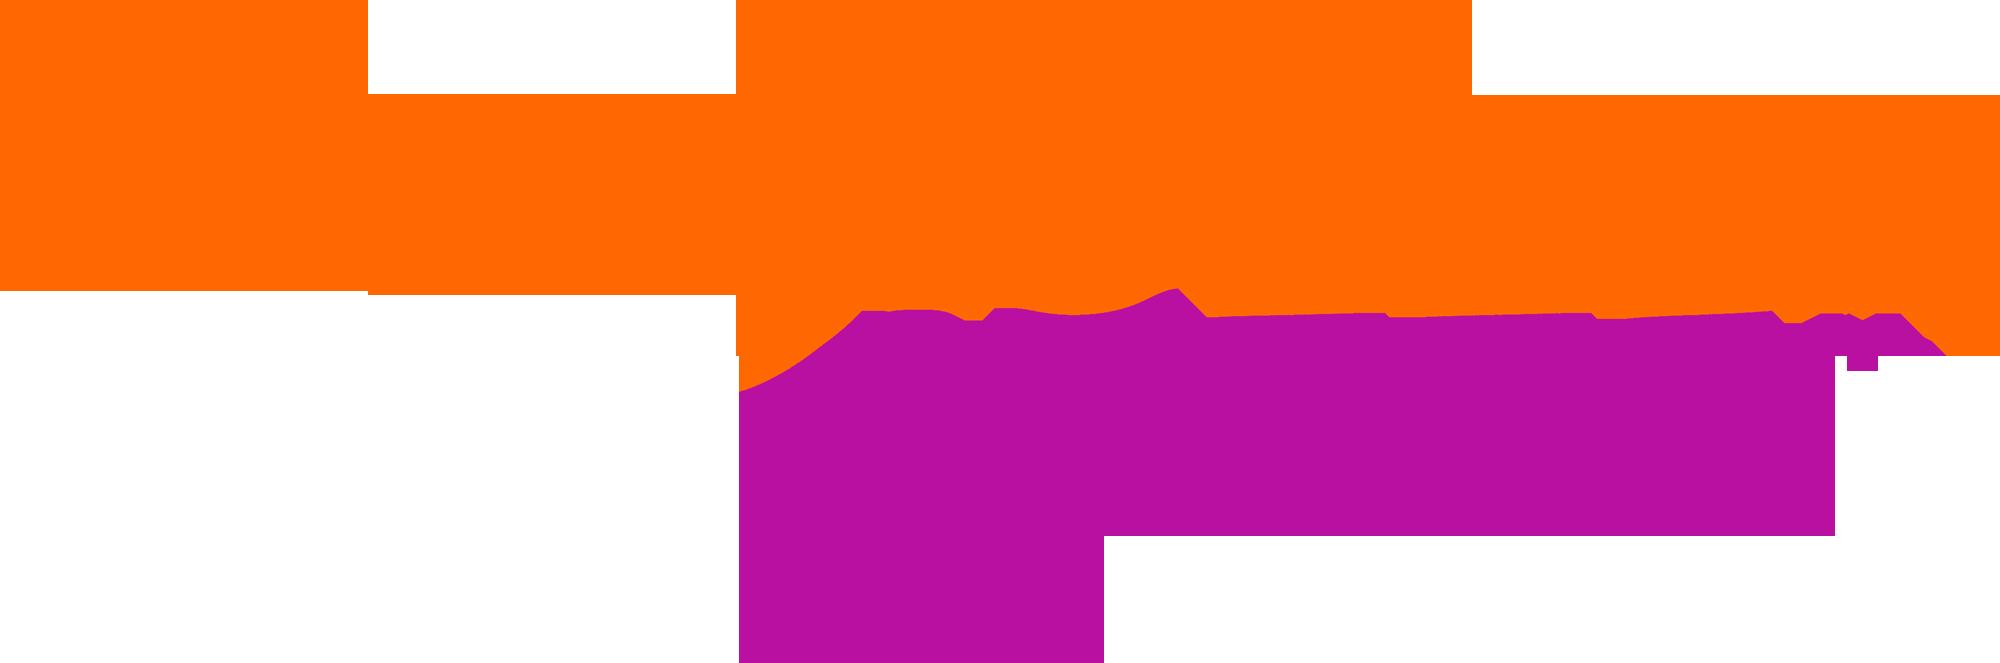 Nickelodeon 4Teen Nickelodeon